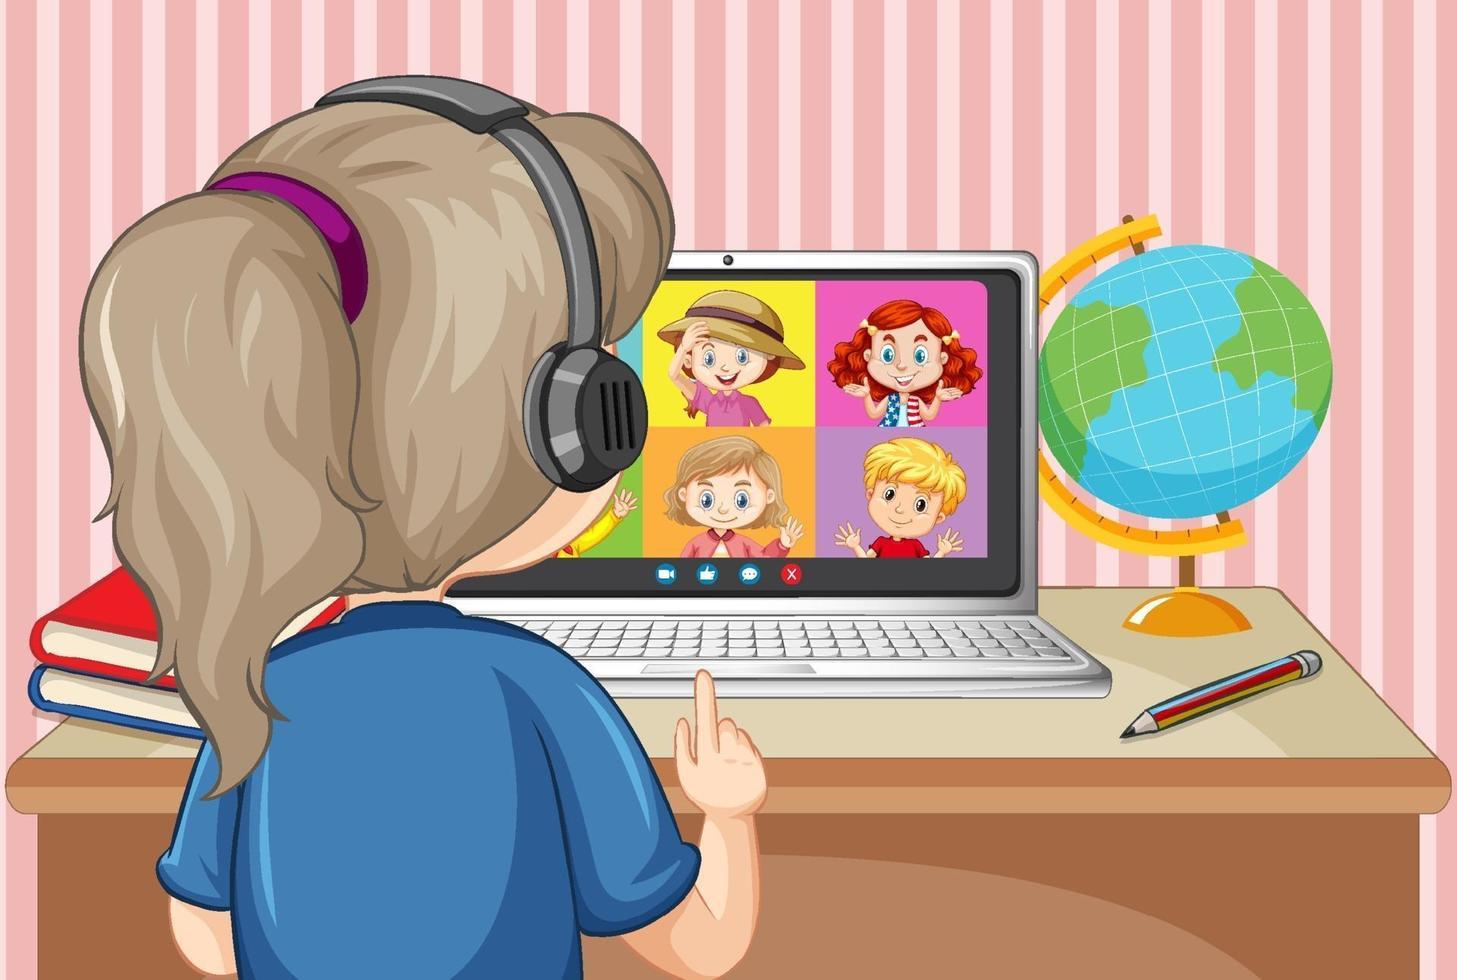 bakifrån av en tjej kommunicerar videokonferens med vänner hemma scen vektor